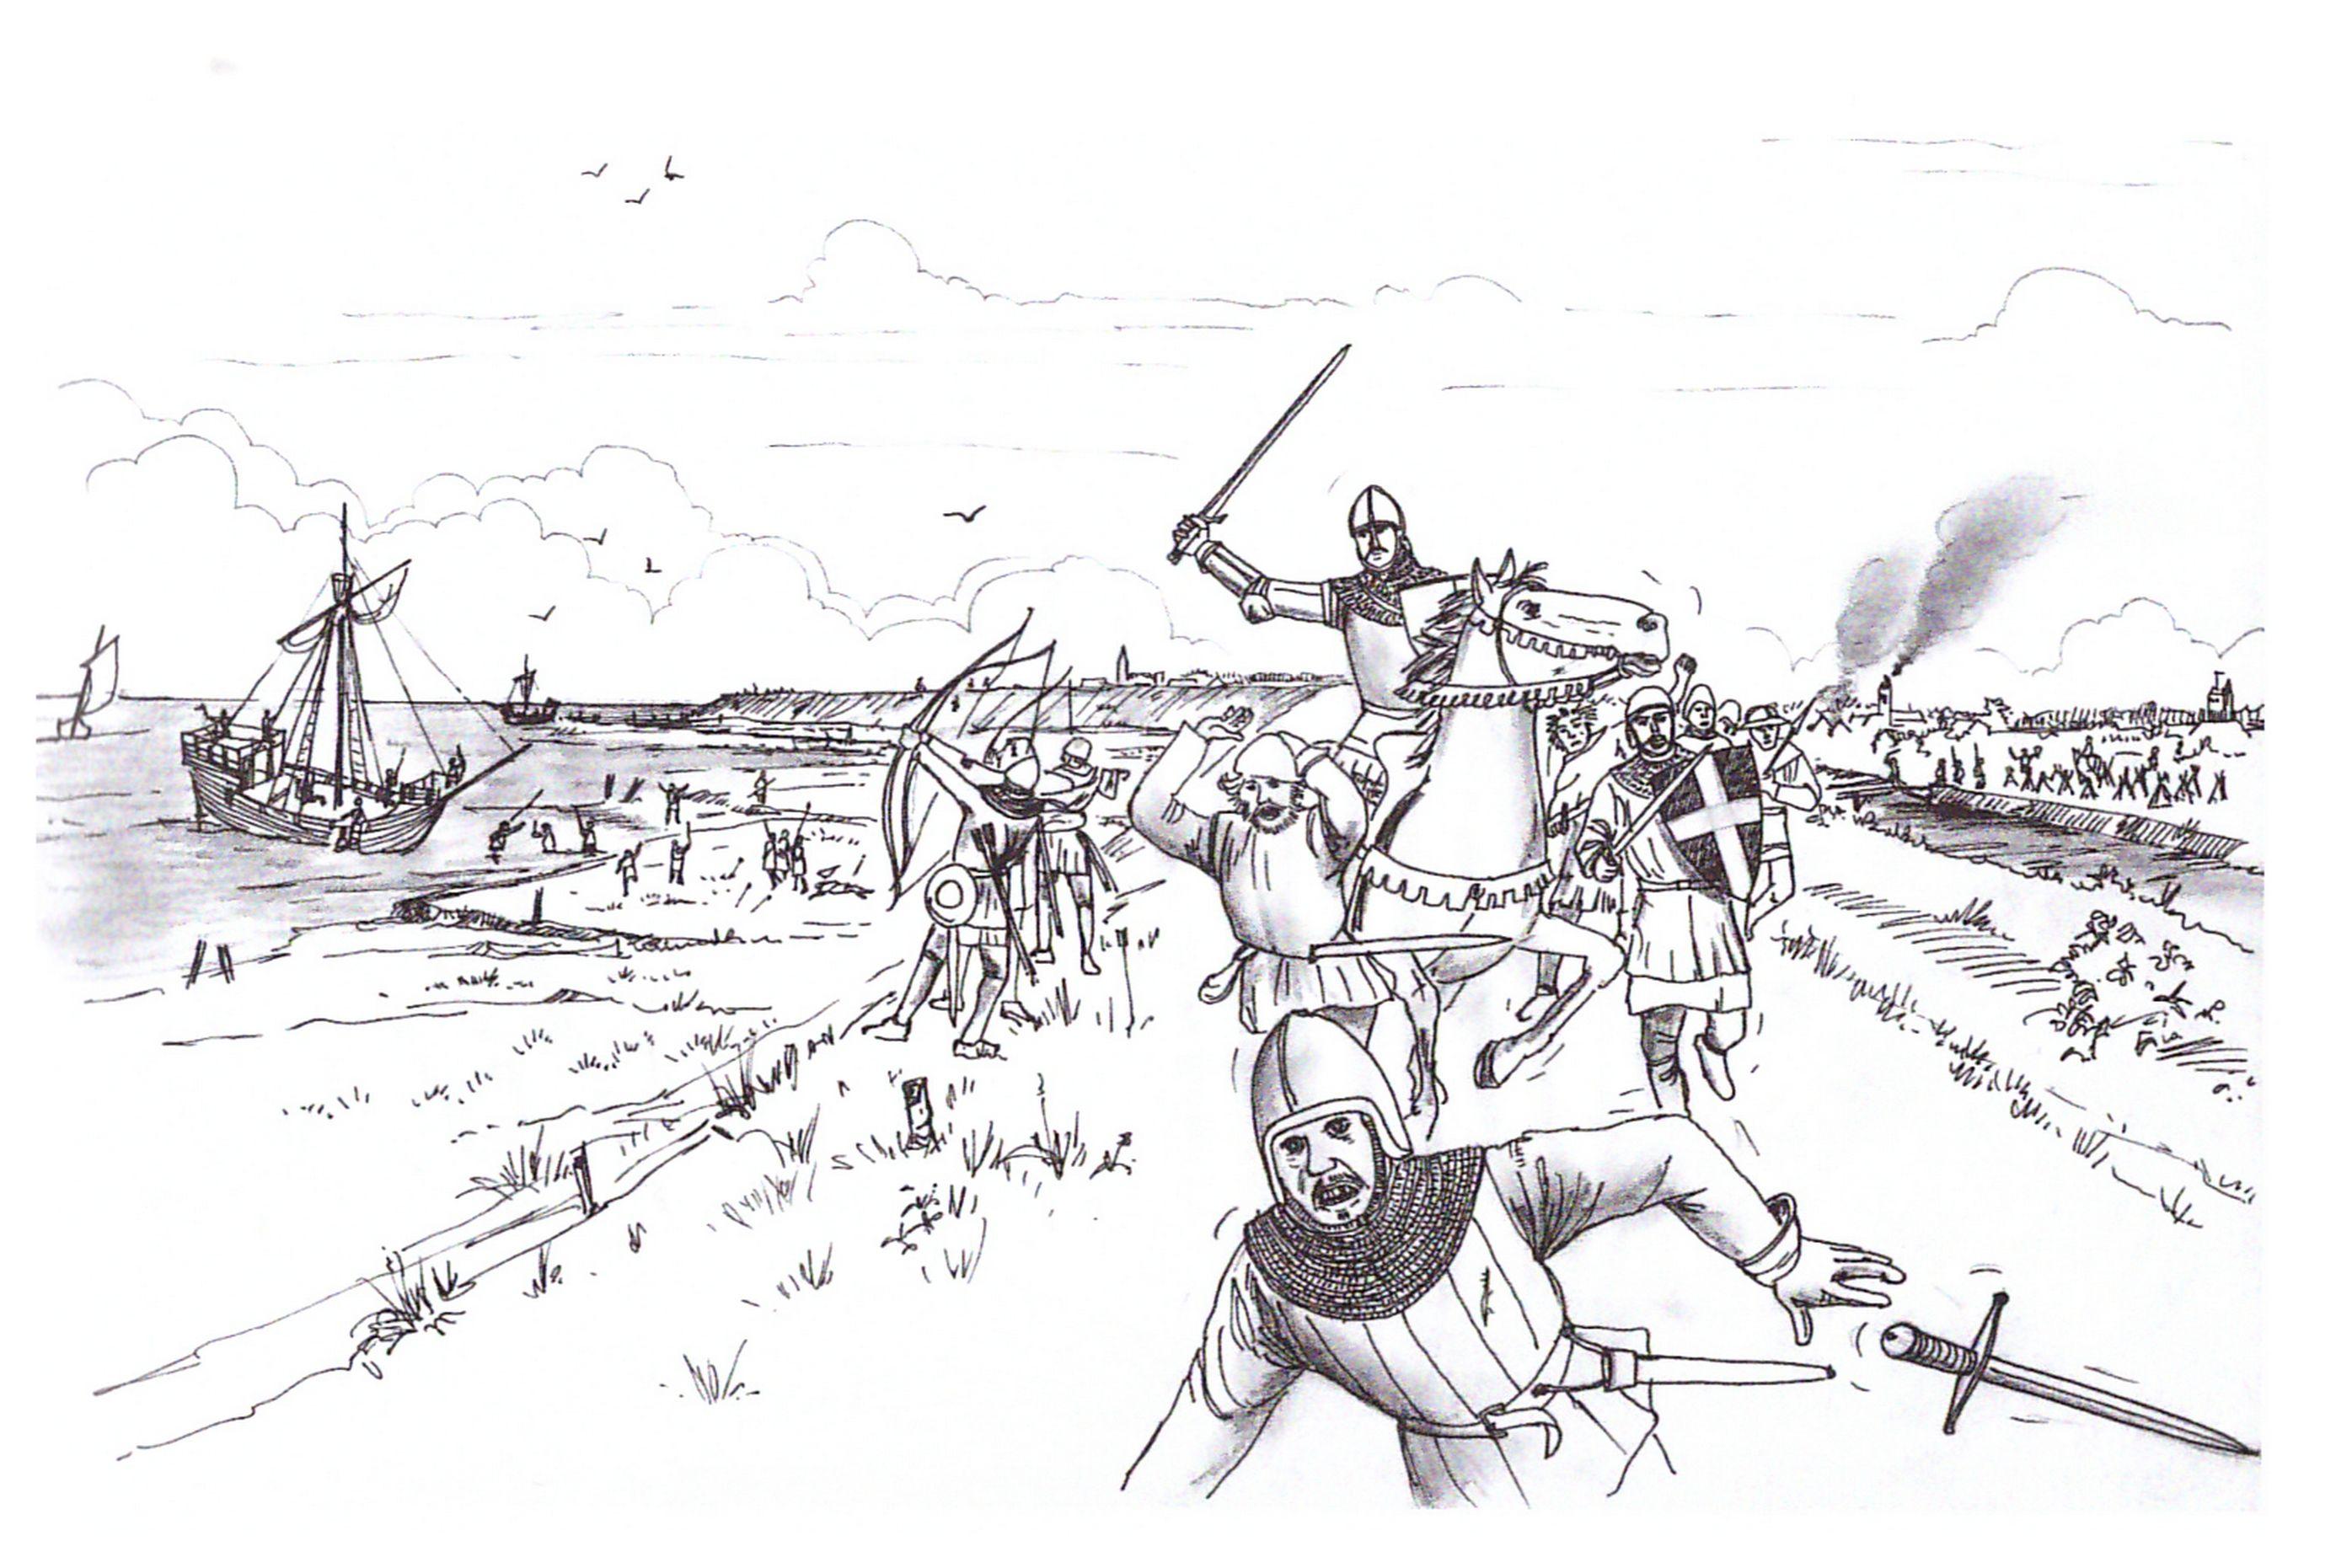 Impressie van de Vlaamse invasie op Zuid-Beveland in 1295. Tekening Kees de Jonge, in: Jan J.B. Kuipers en Robbert Jan Swiers, Het verhaal van Zeeland (Hilversum 2005).